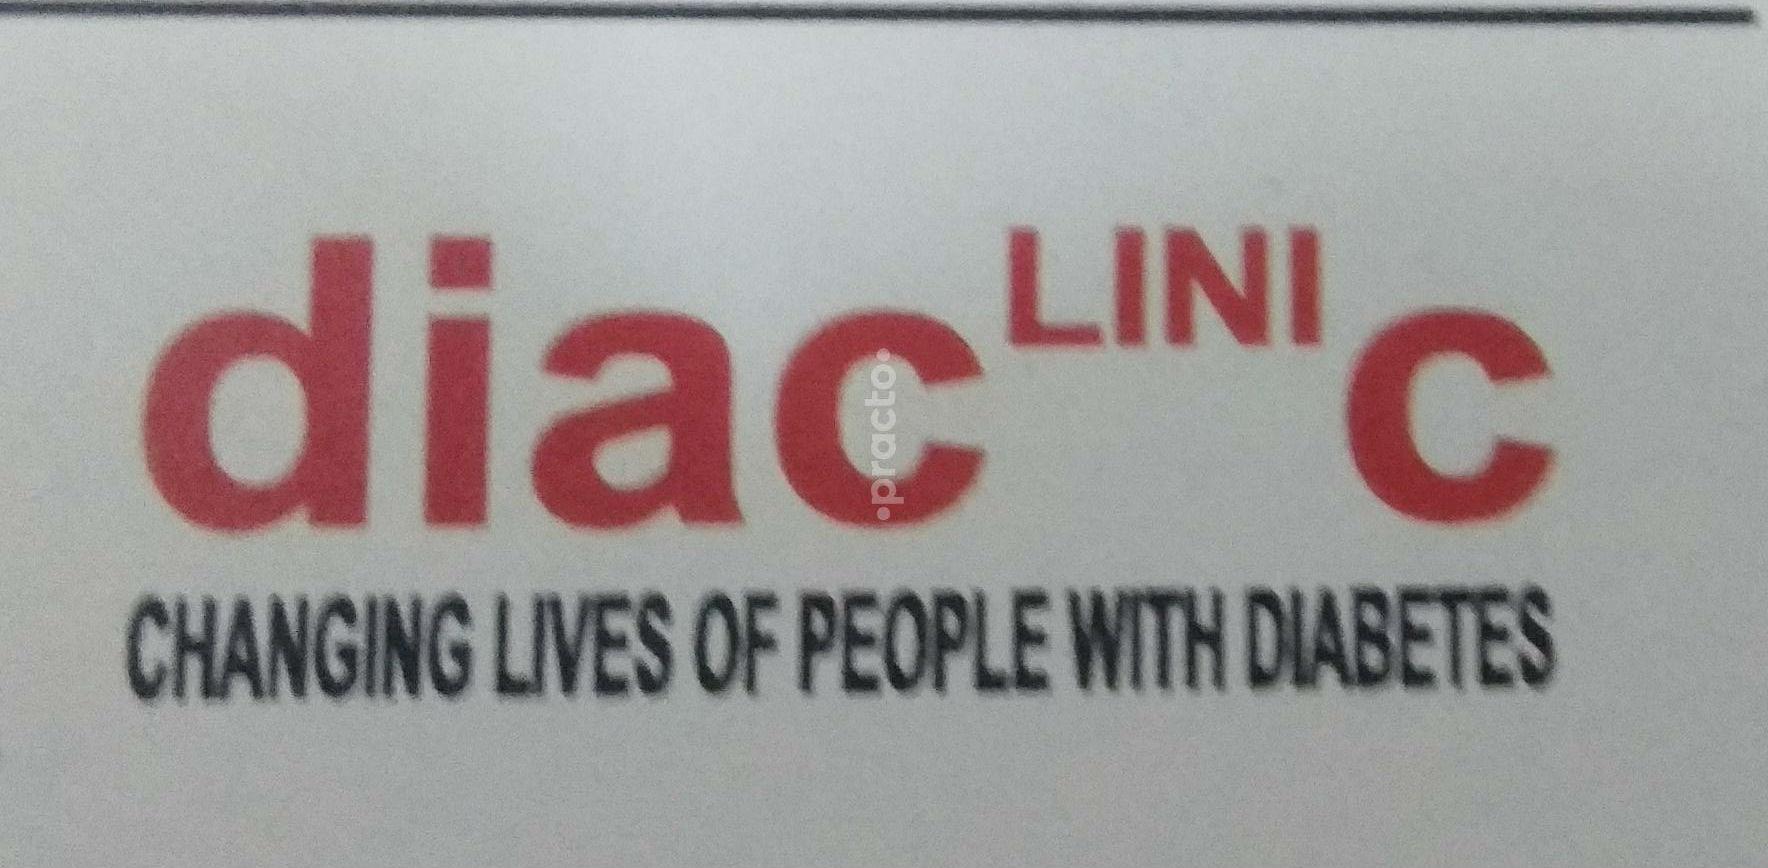 Diab Clinic